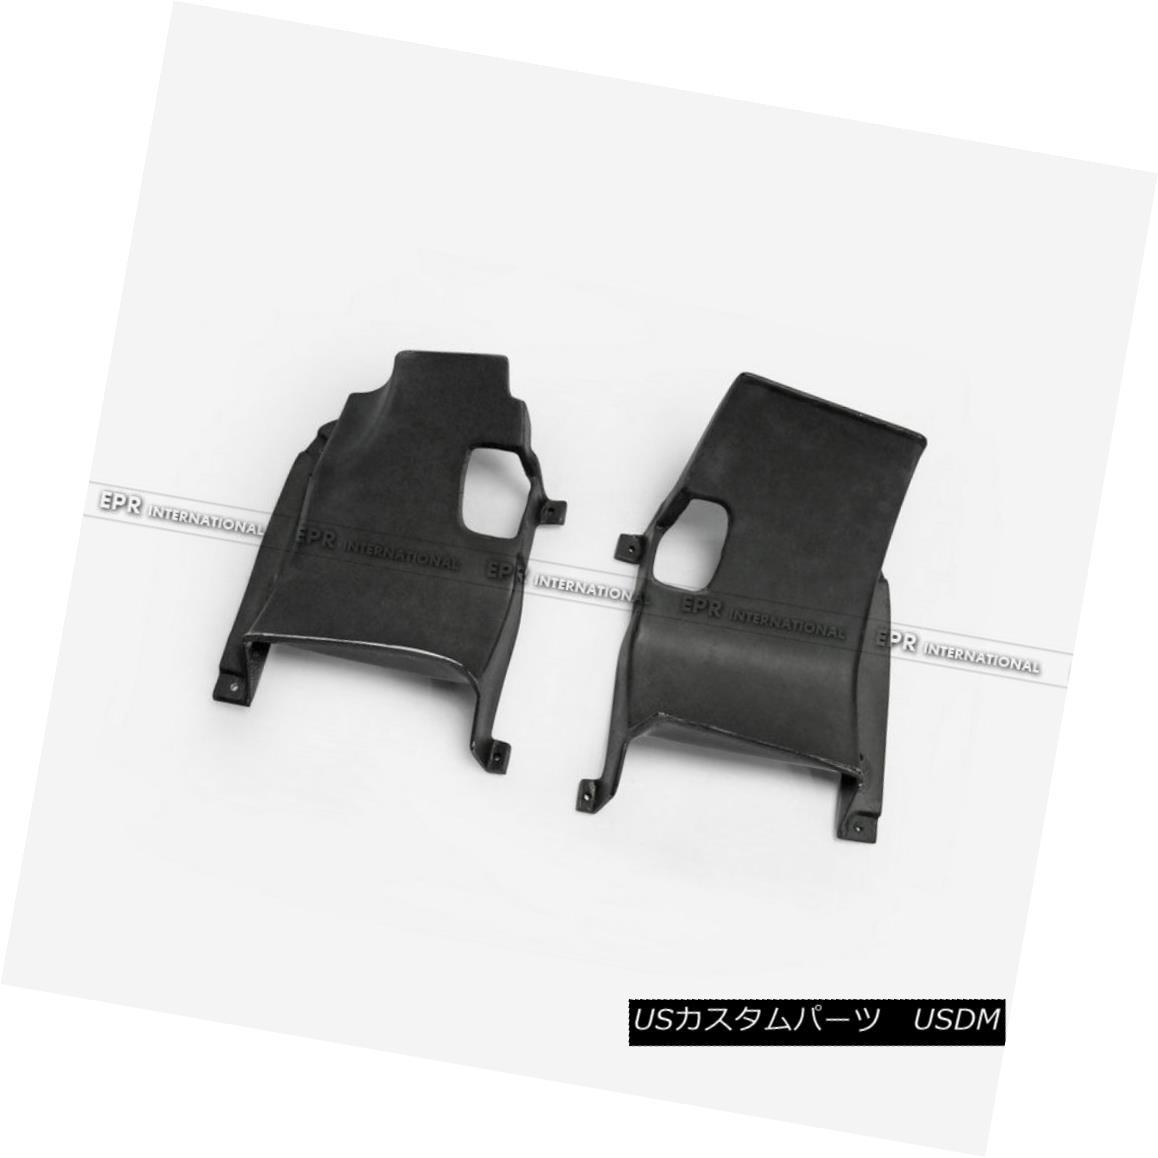 エアロパーツ For Mitsubishi Evo 10 Intercooler Side Panels Cover Trim 2Pcs Kit Carbon Fiber Mitsubishi Evo 10用インタークーラー・サイド・パネルカバー・トリム2個キット・カーボン・ファイバー